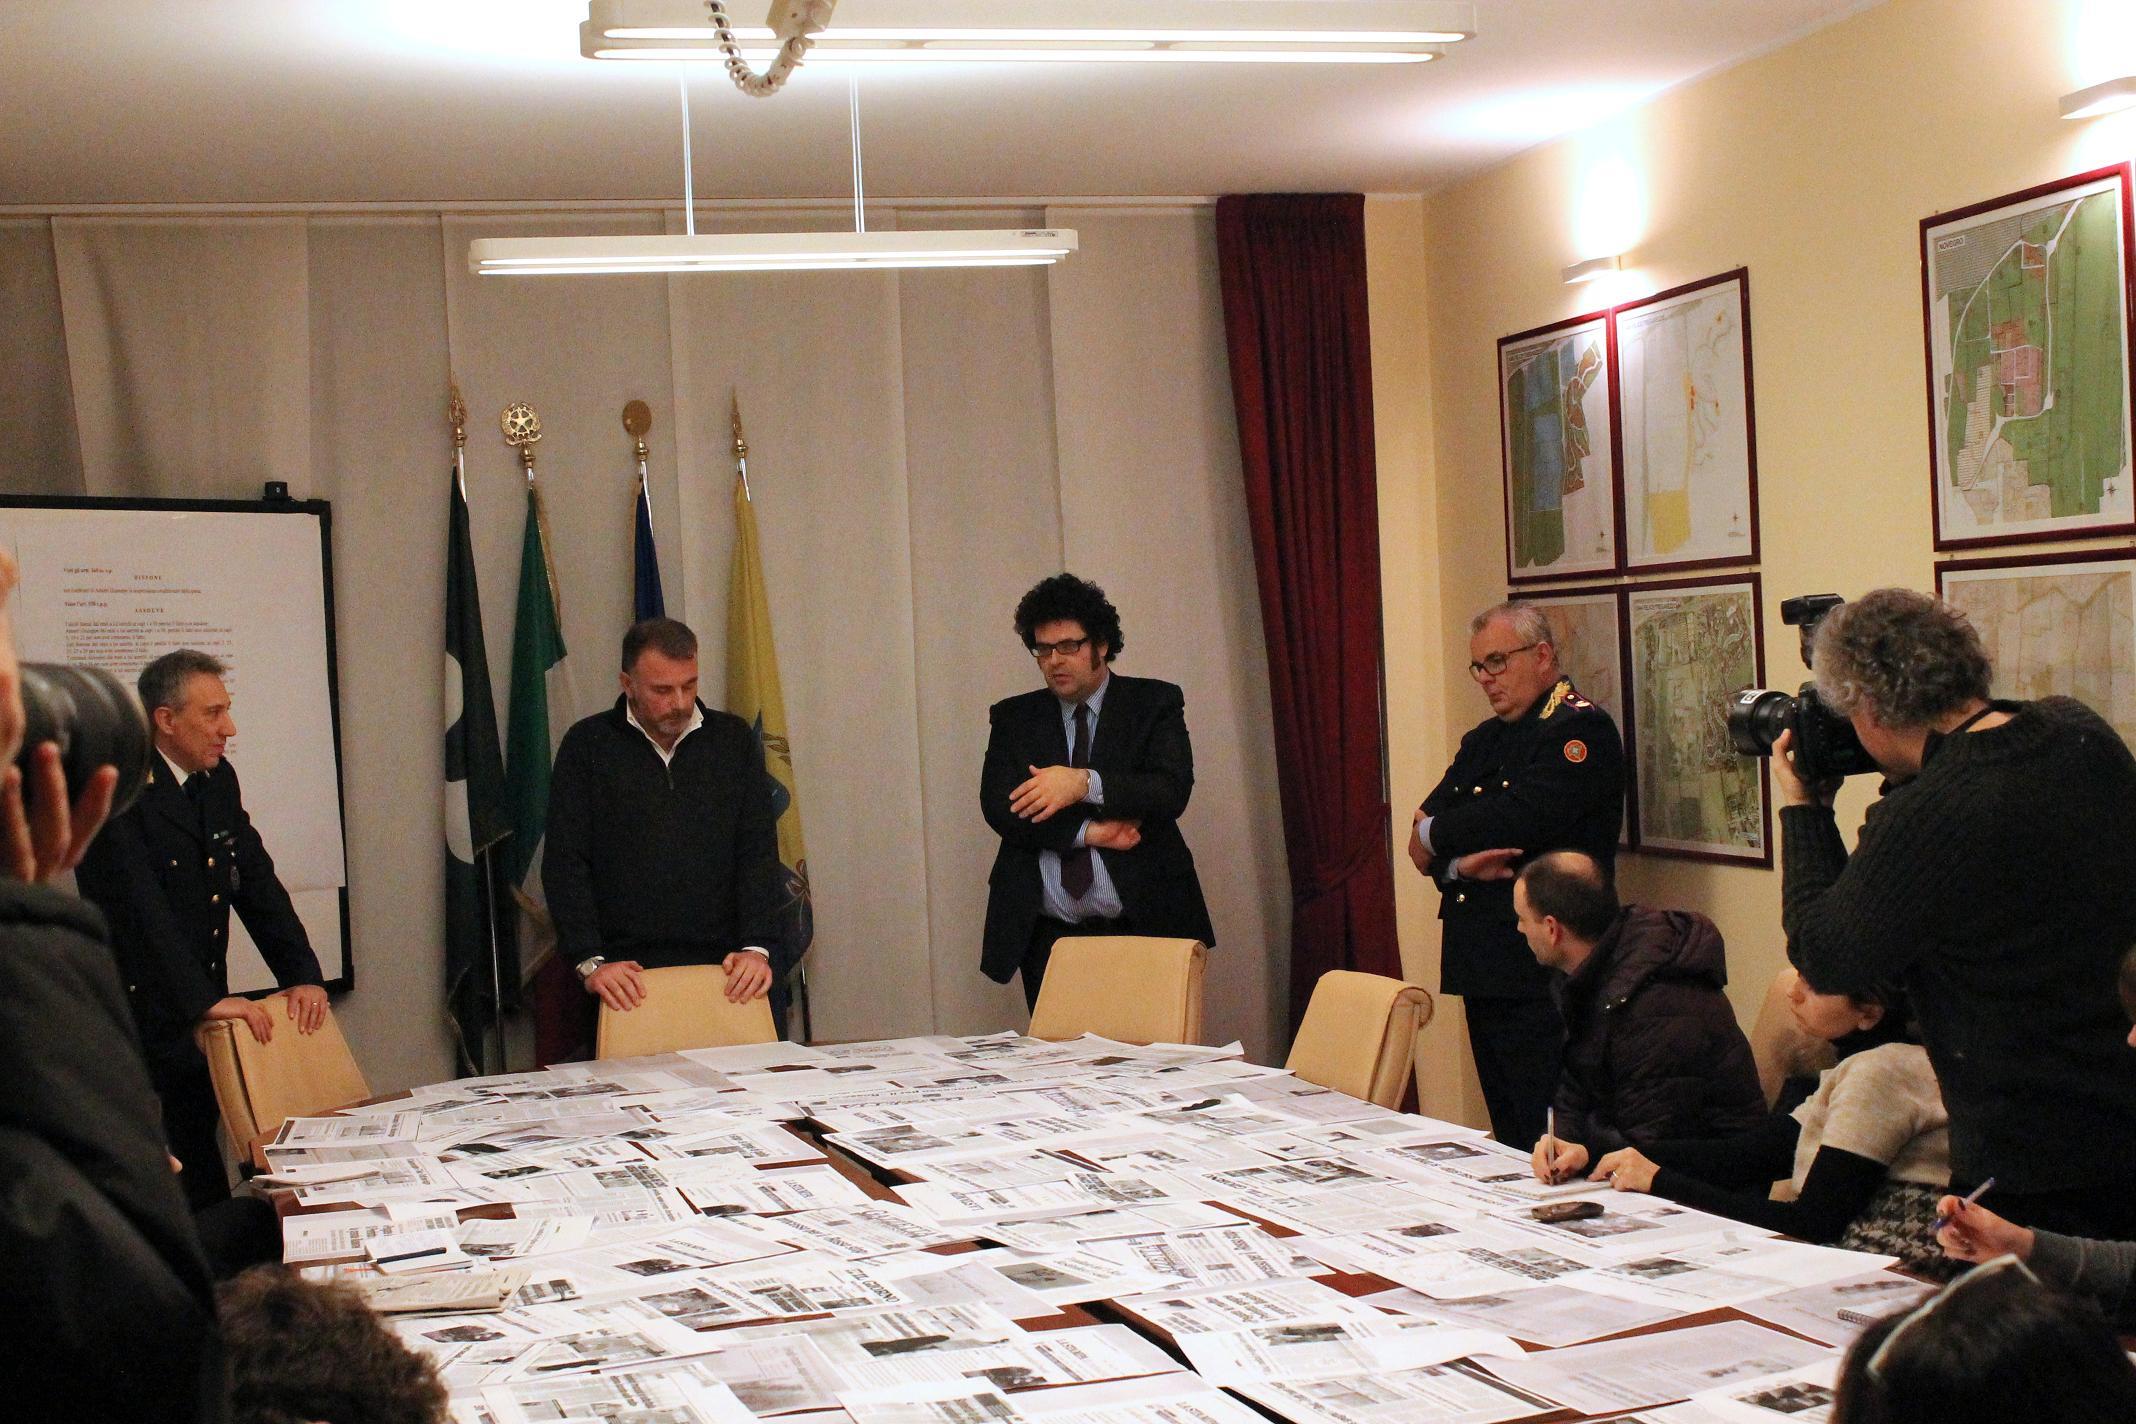 Conferenza Stampa del Sindaco Alessadnrini, del Comandante Giona e del VIce , dopo la sentenza di assoluzione.